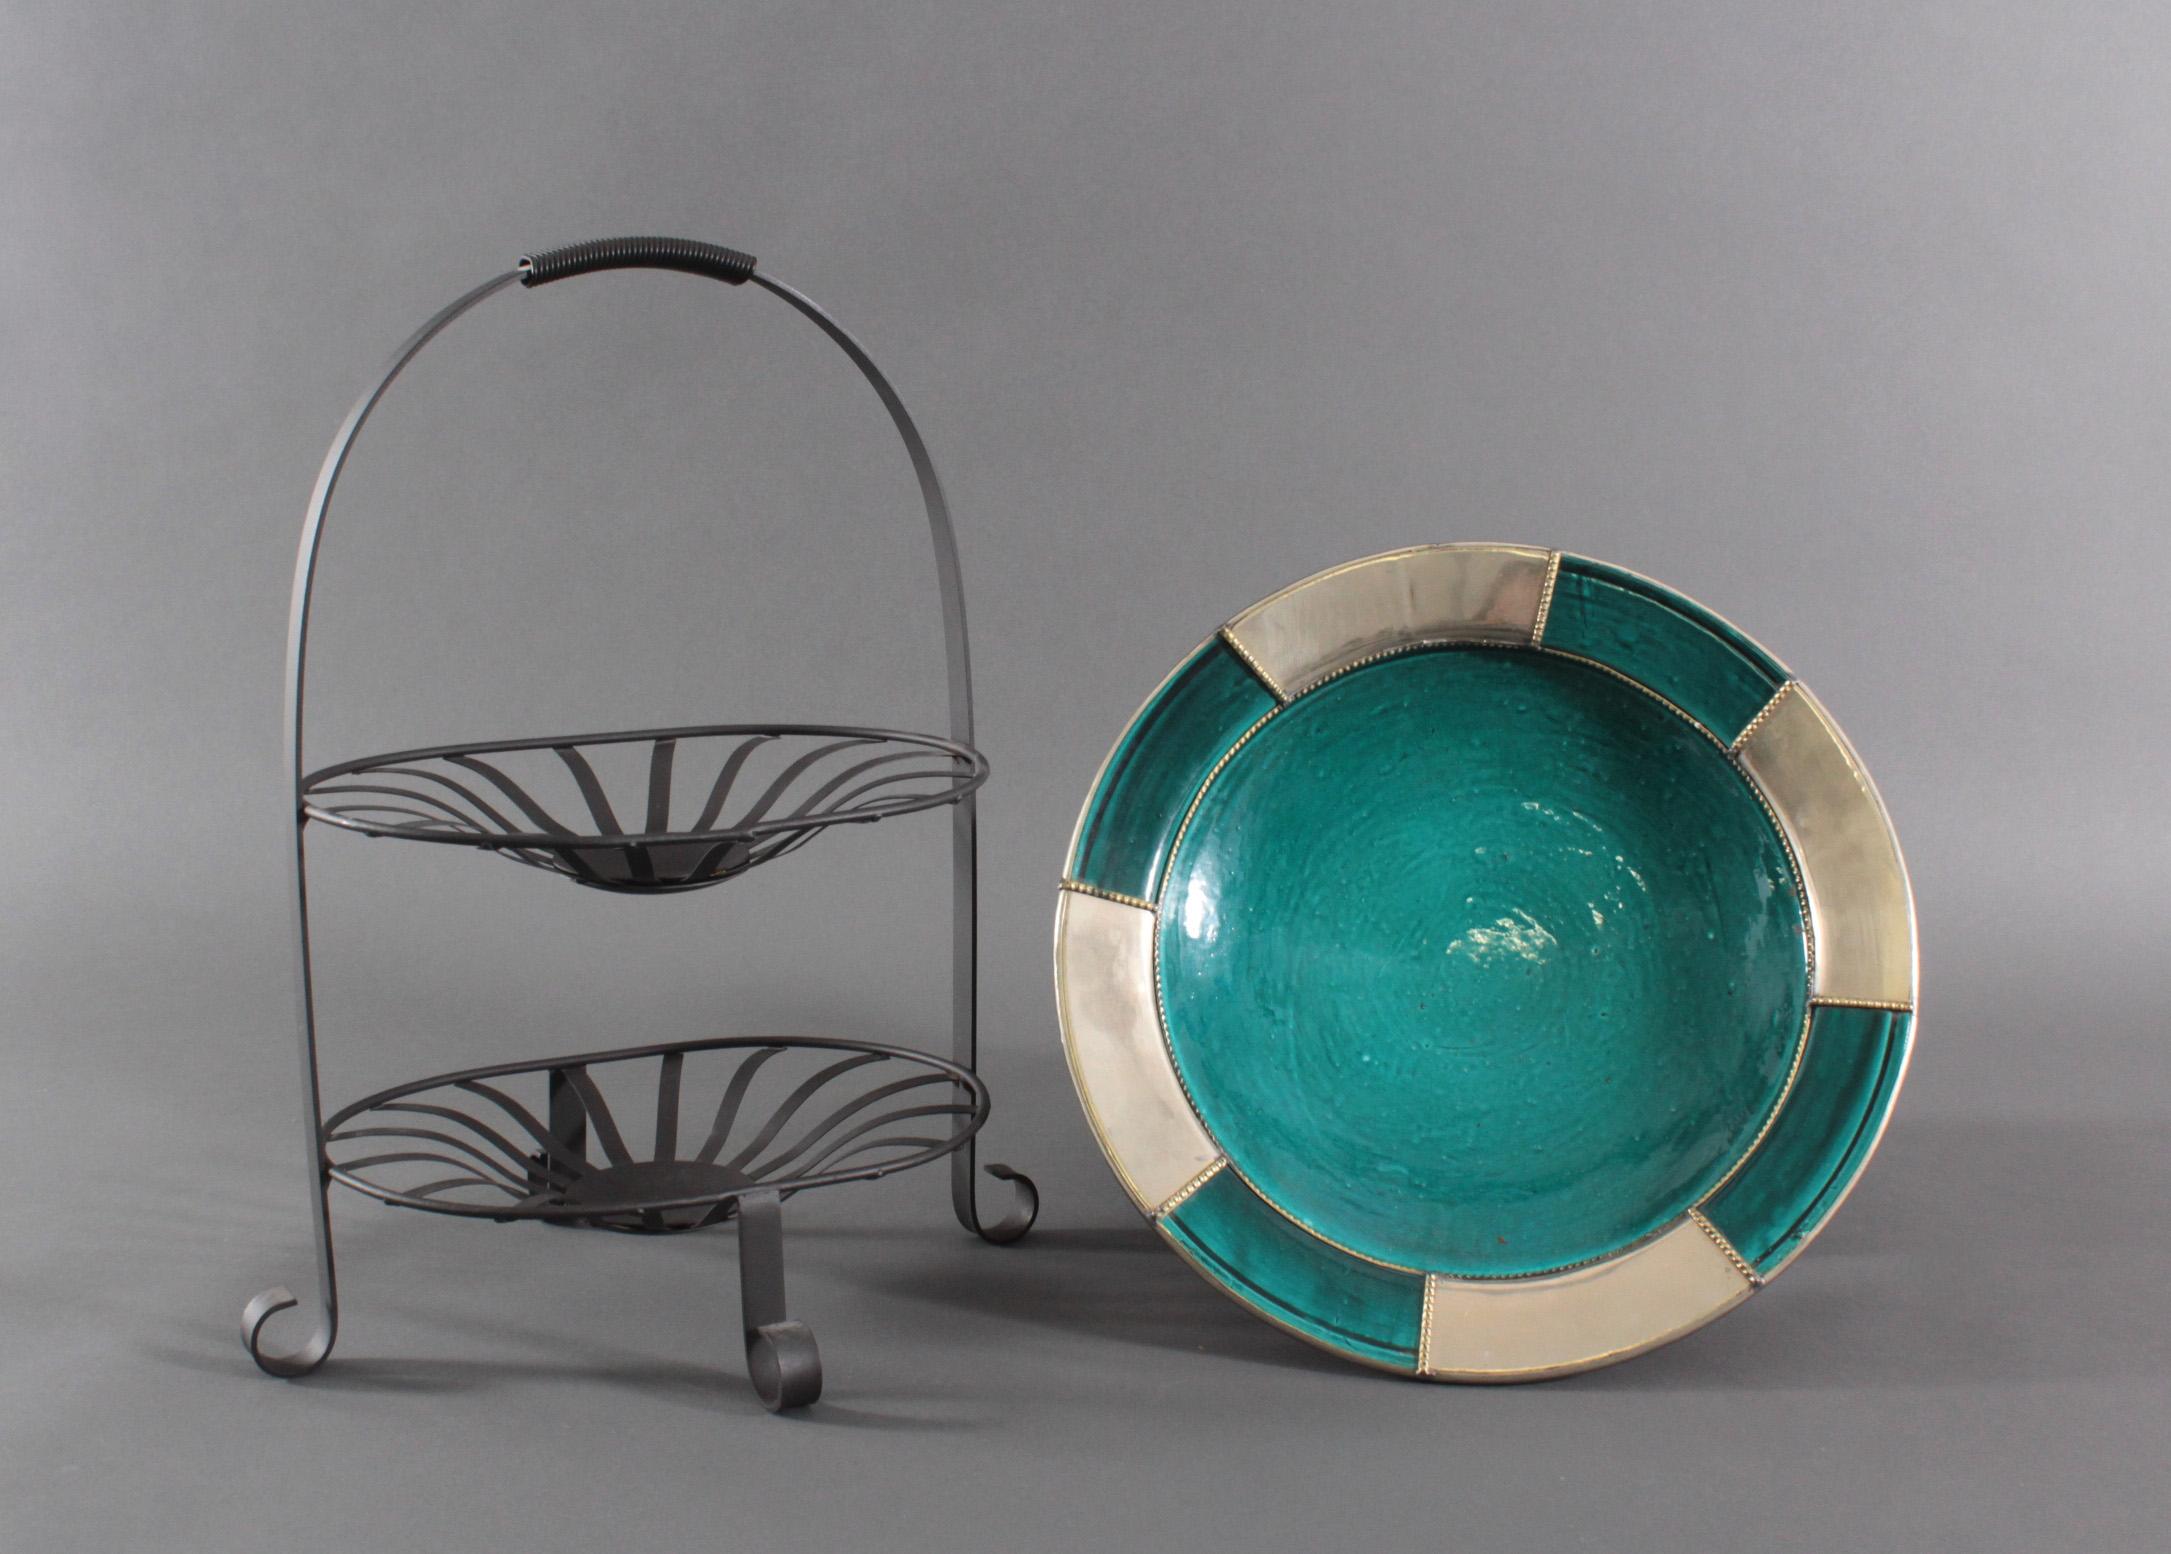 Zwei Dekorationsgegenstände. Keramikschale und Etagere